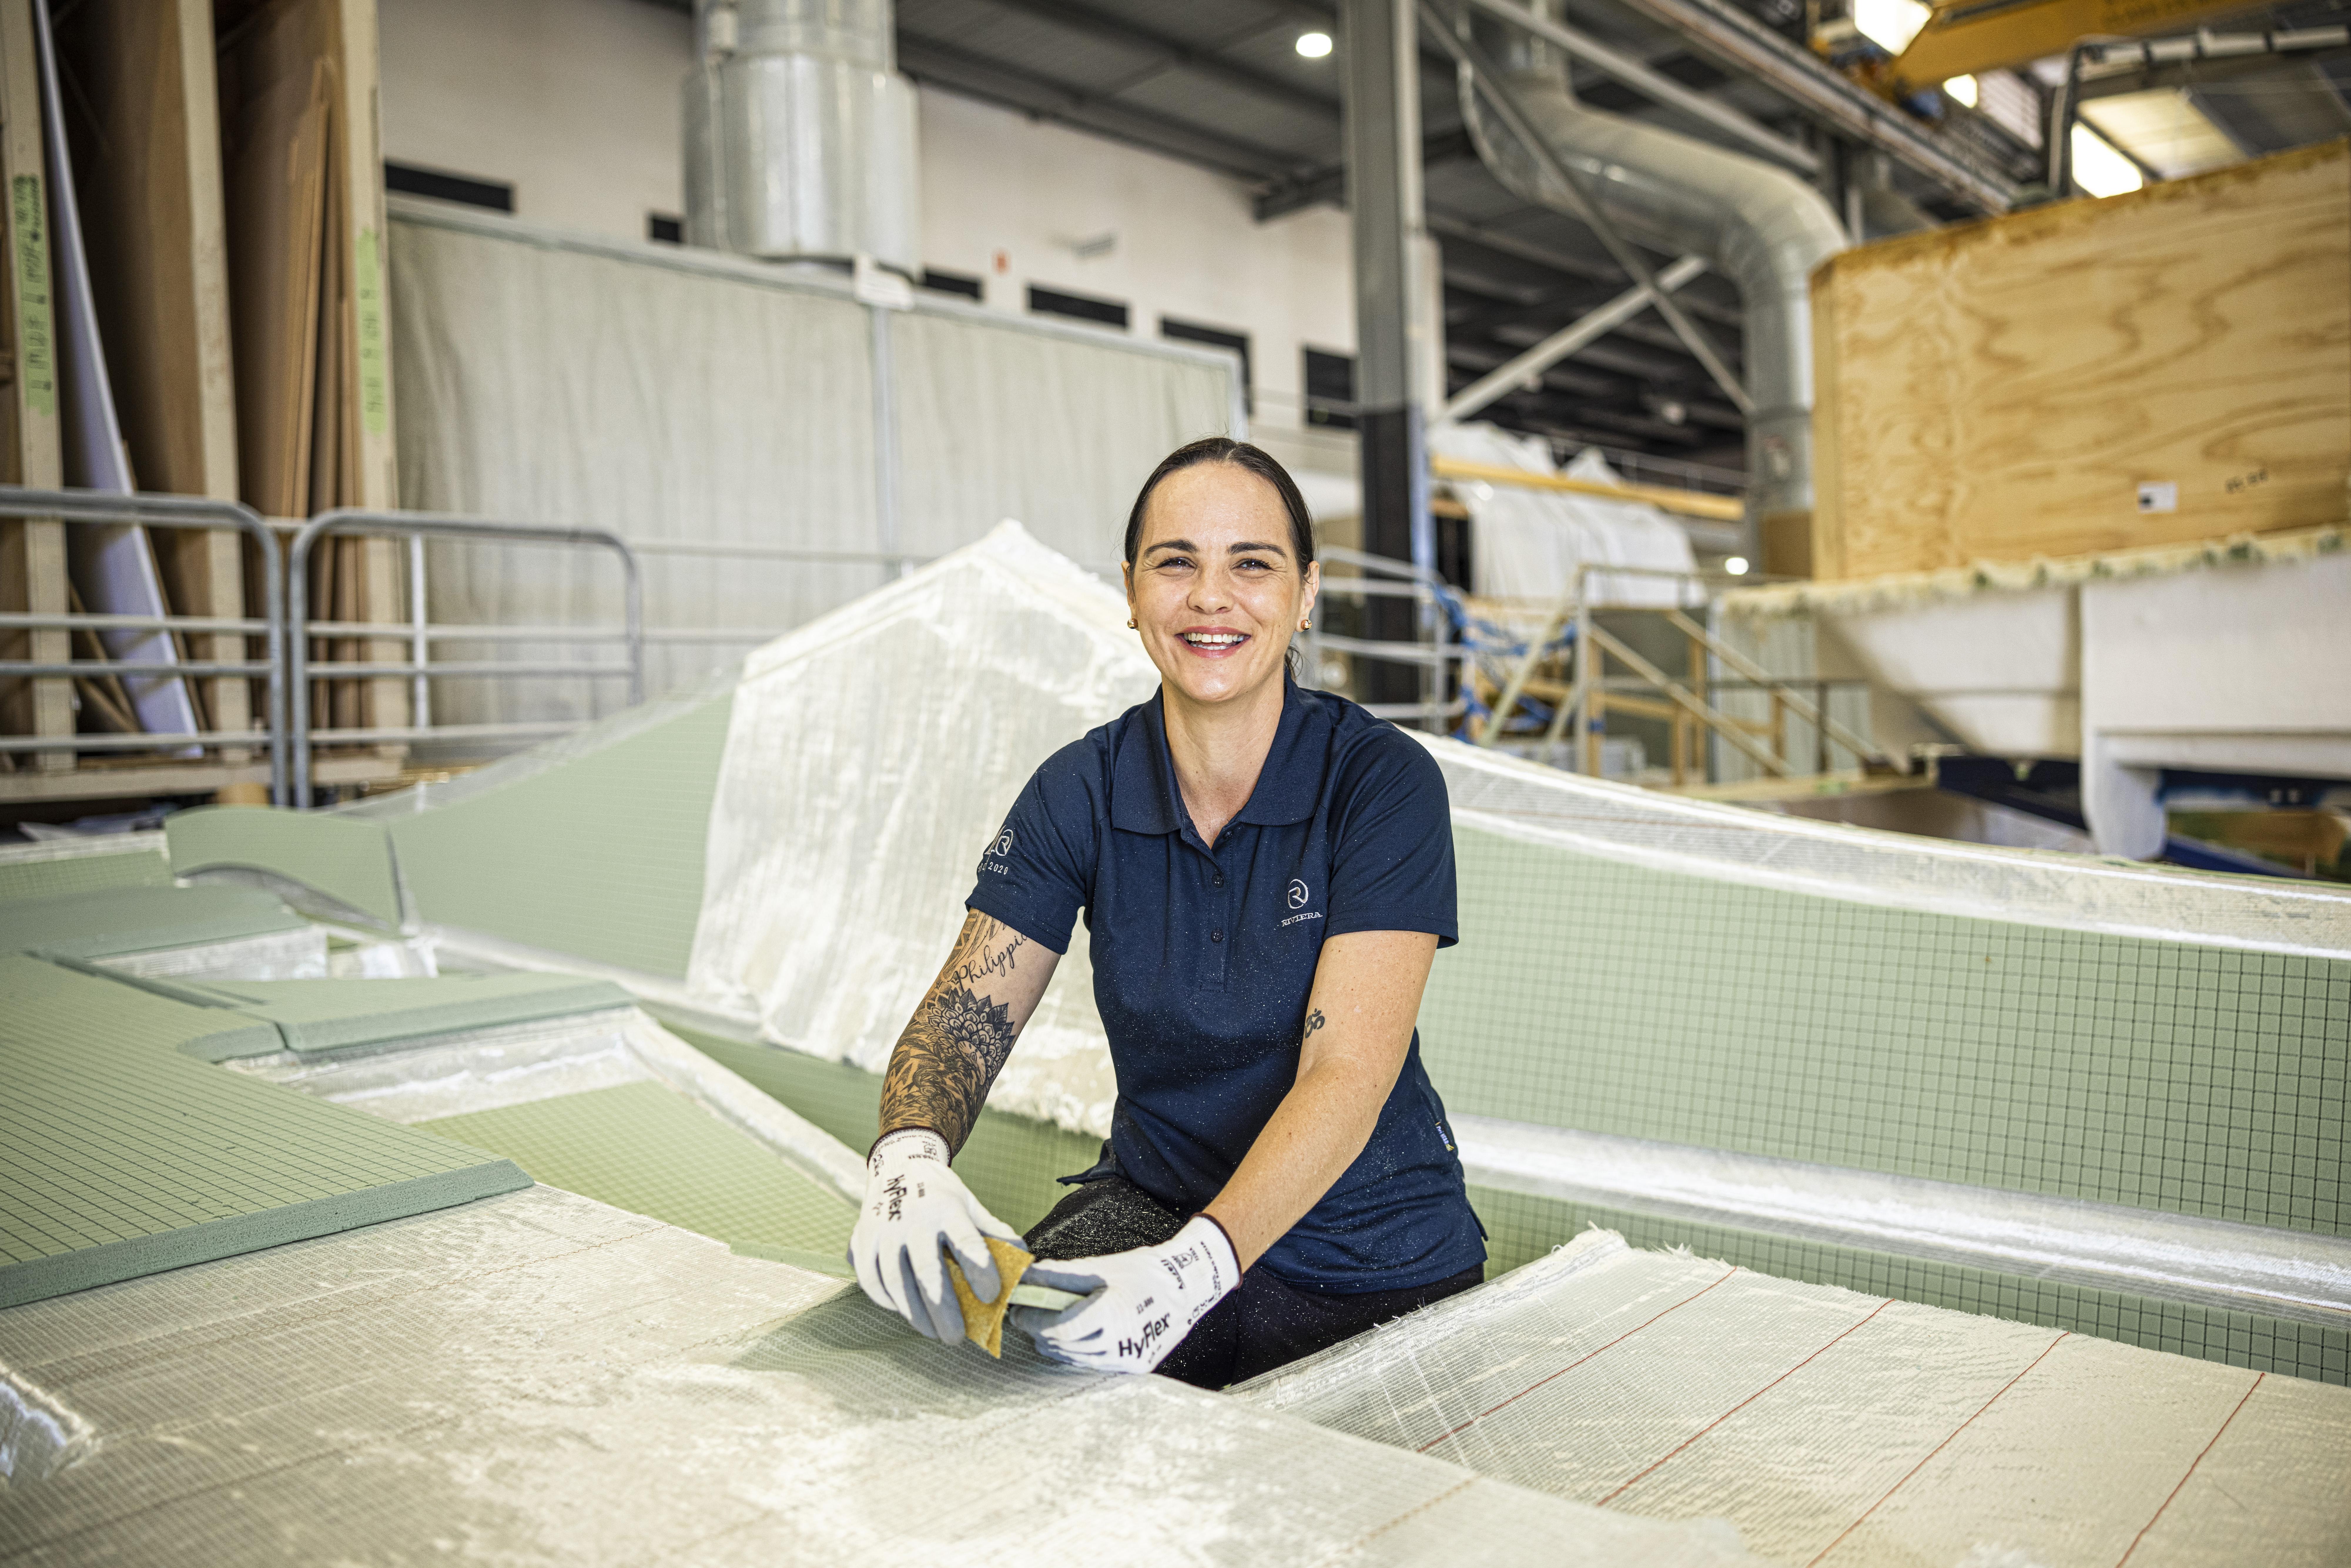 Kylie Scott pictured working at Riviera